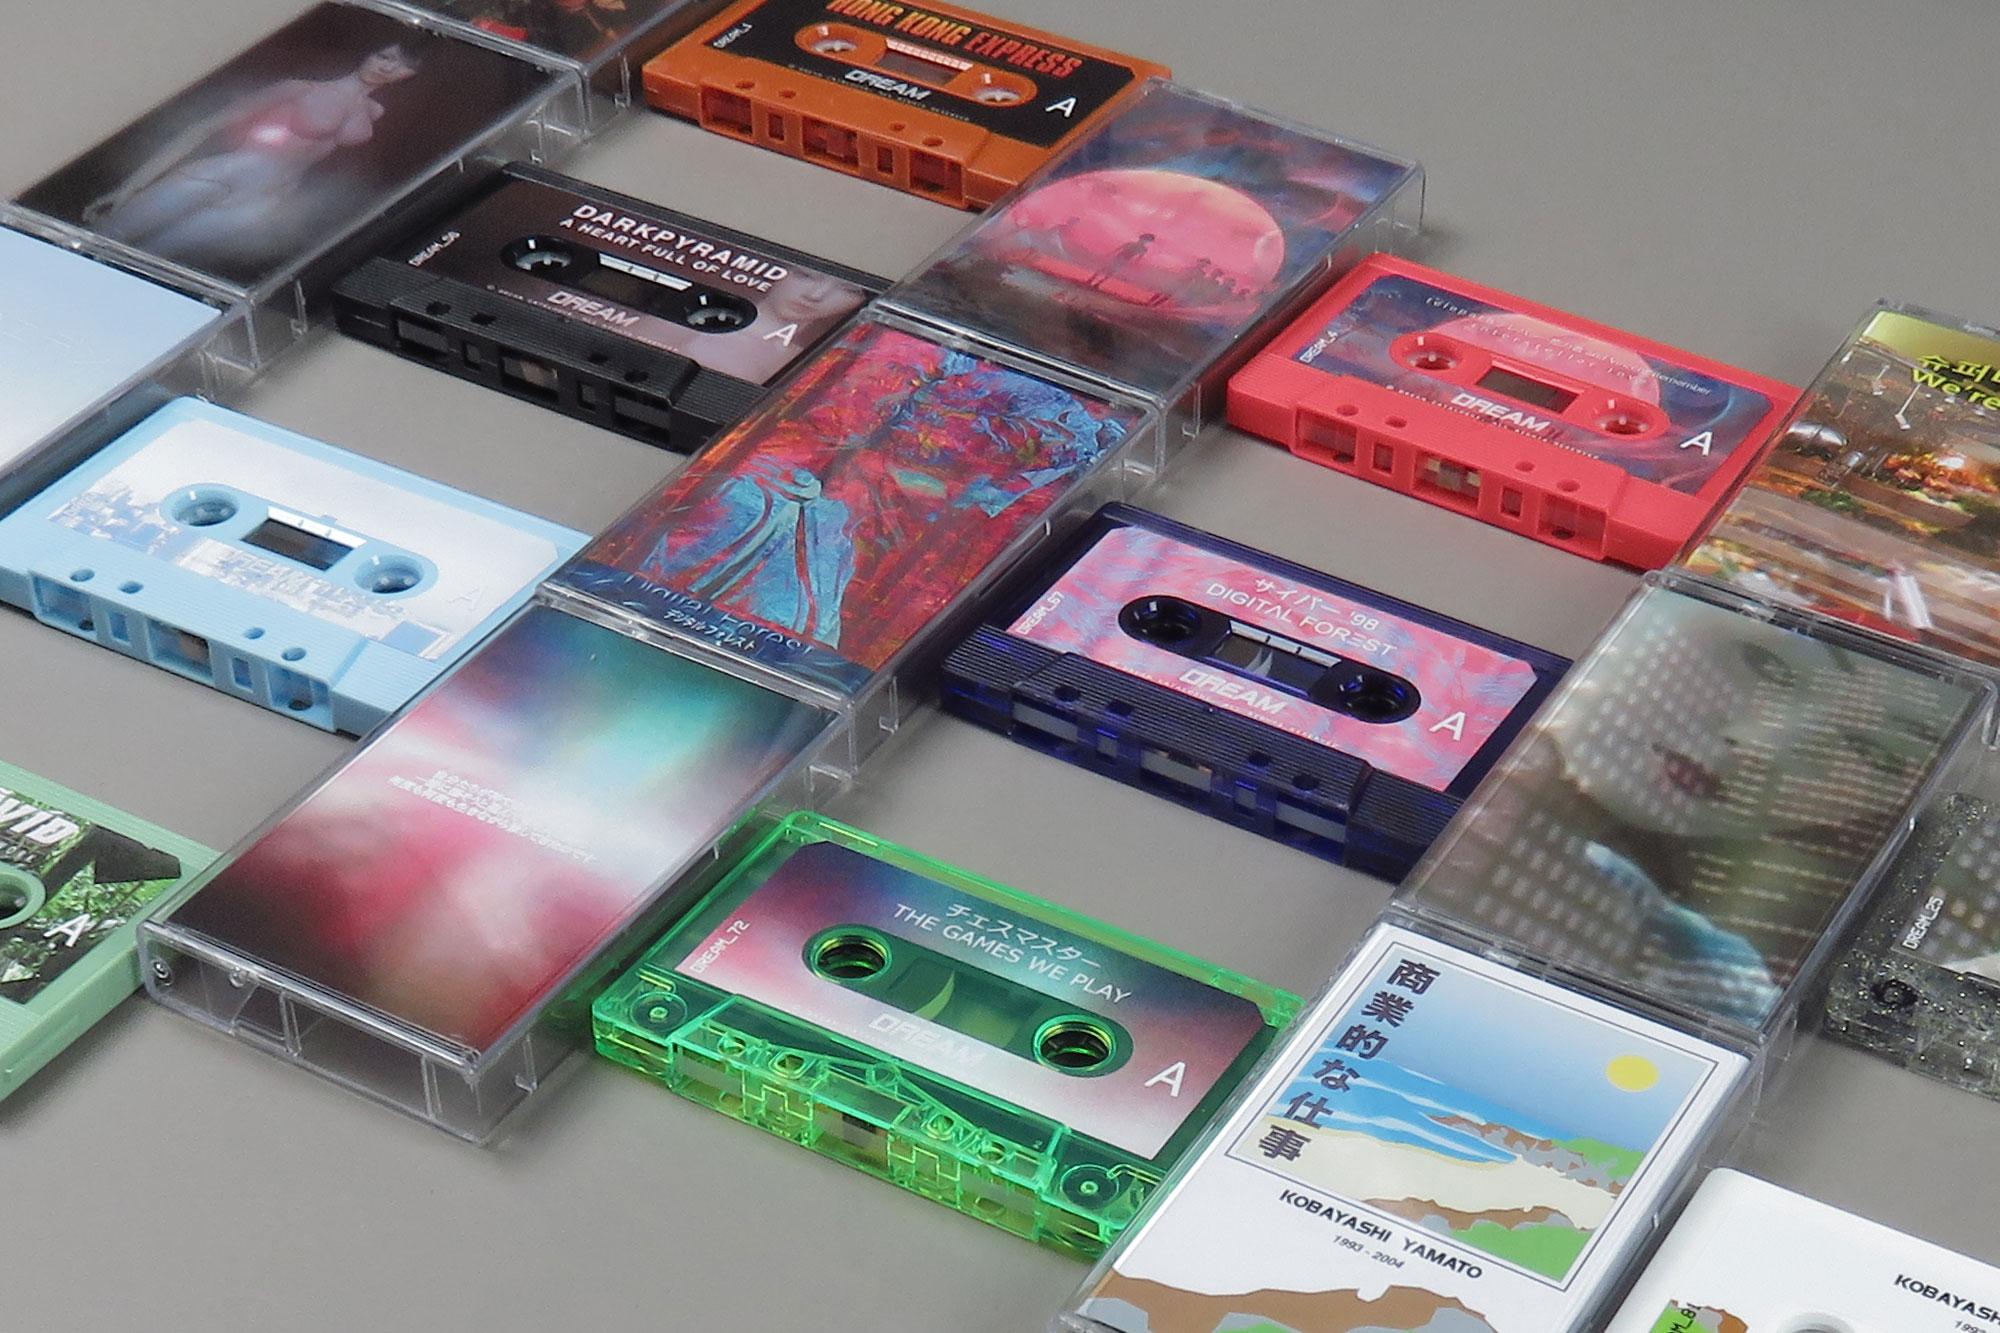 Dream Catalogue издаст 10 кассетных эксклюзивов в рамках единого бокс-сета